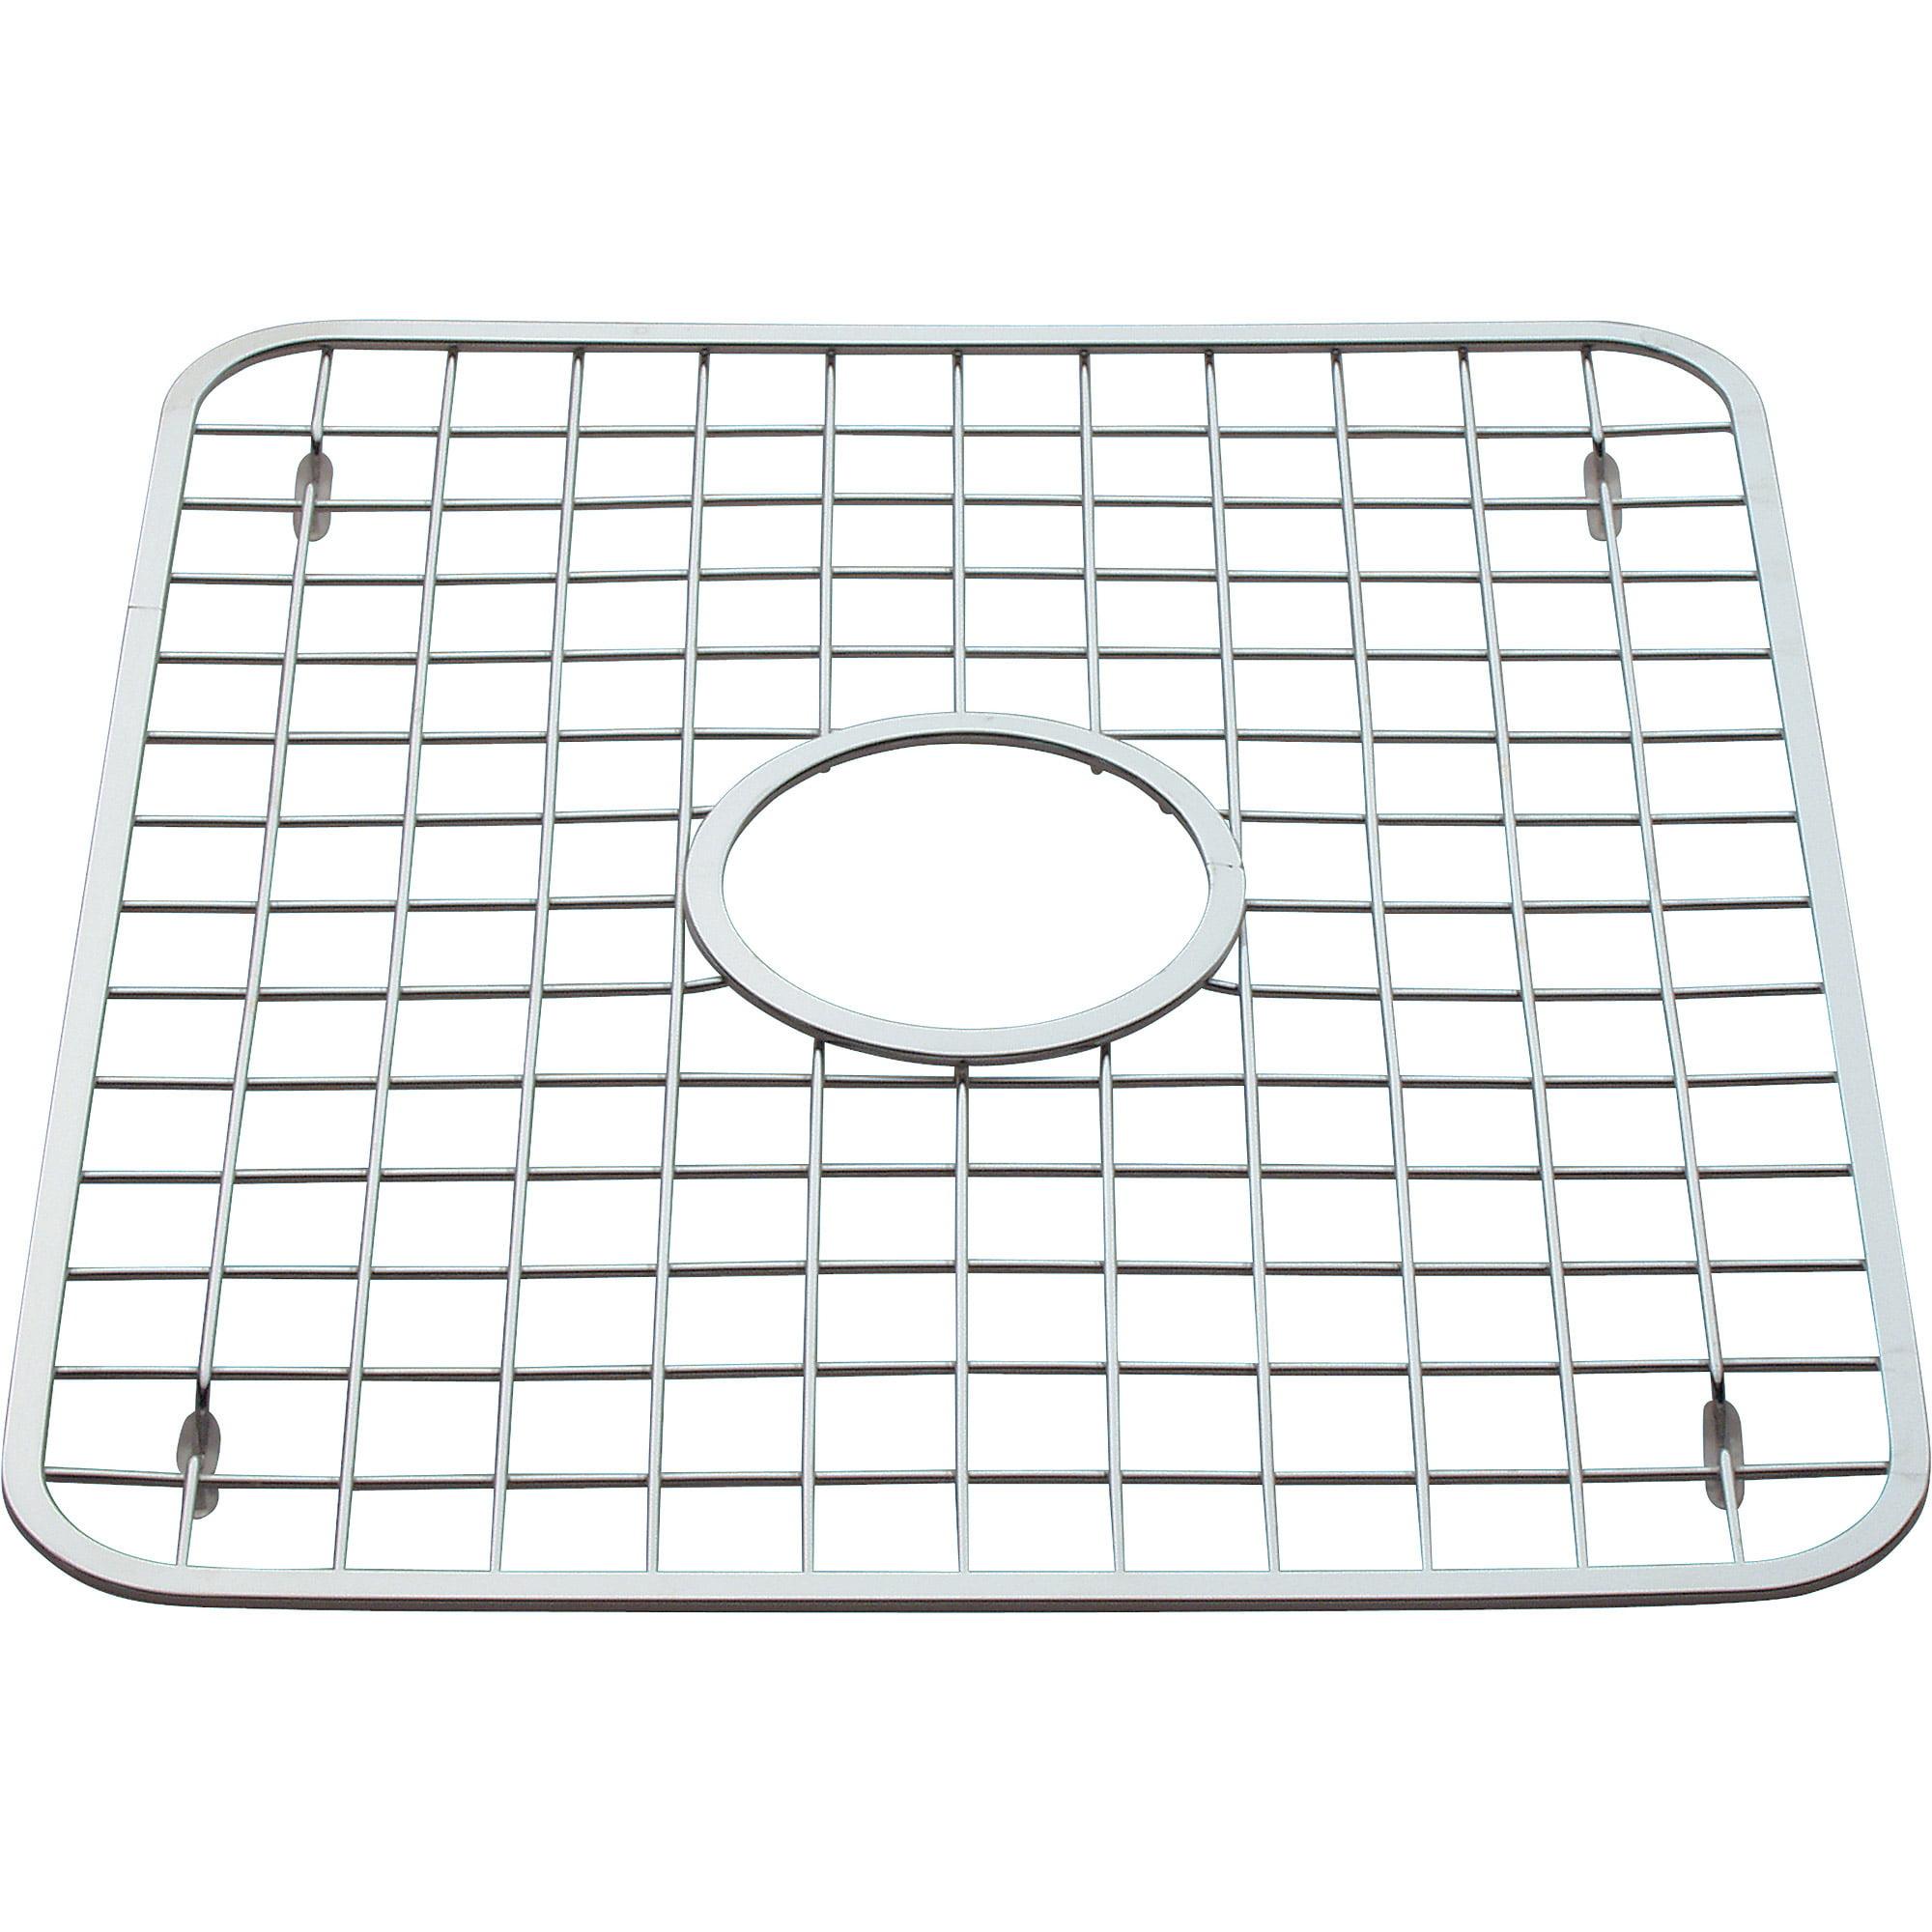 interdesign sink grid with drain hole 12 75 x 11 walmart